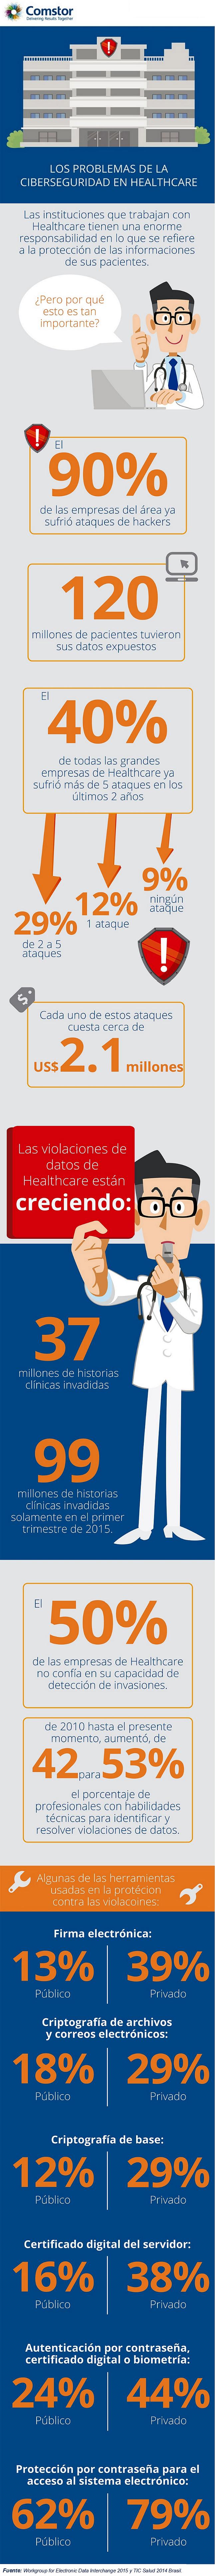 Comstor - Los Problemas De La Ciberseguridad En Healthcare